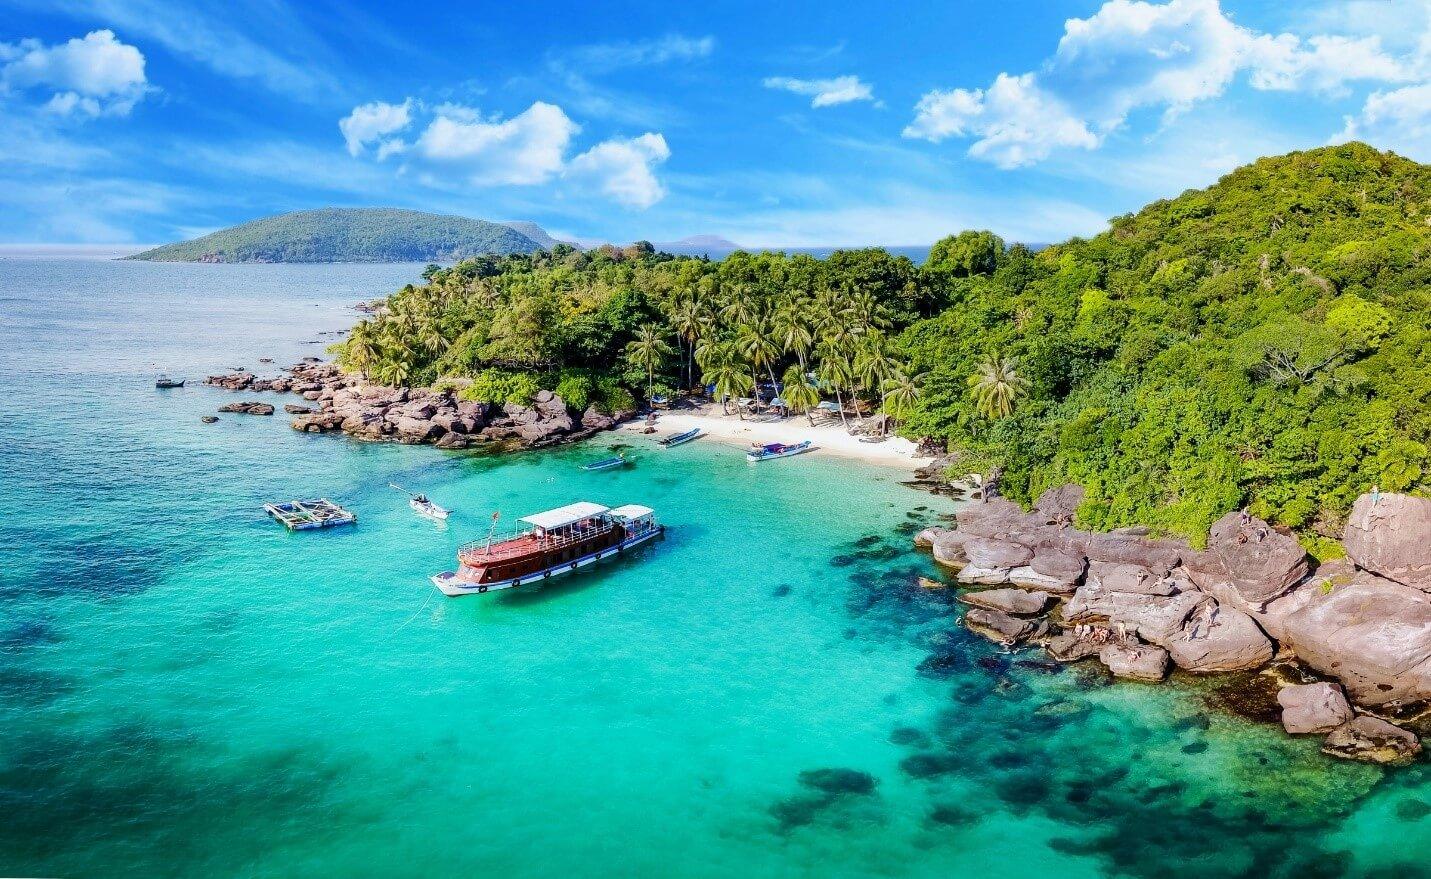 Các đảo nhỏ tại Phú Quốc